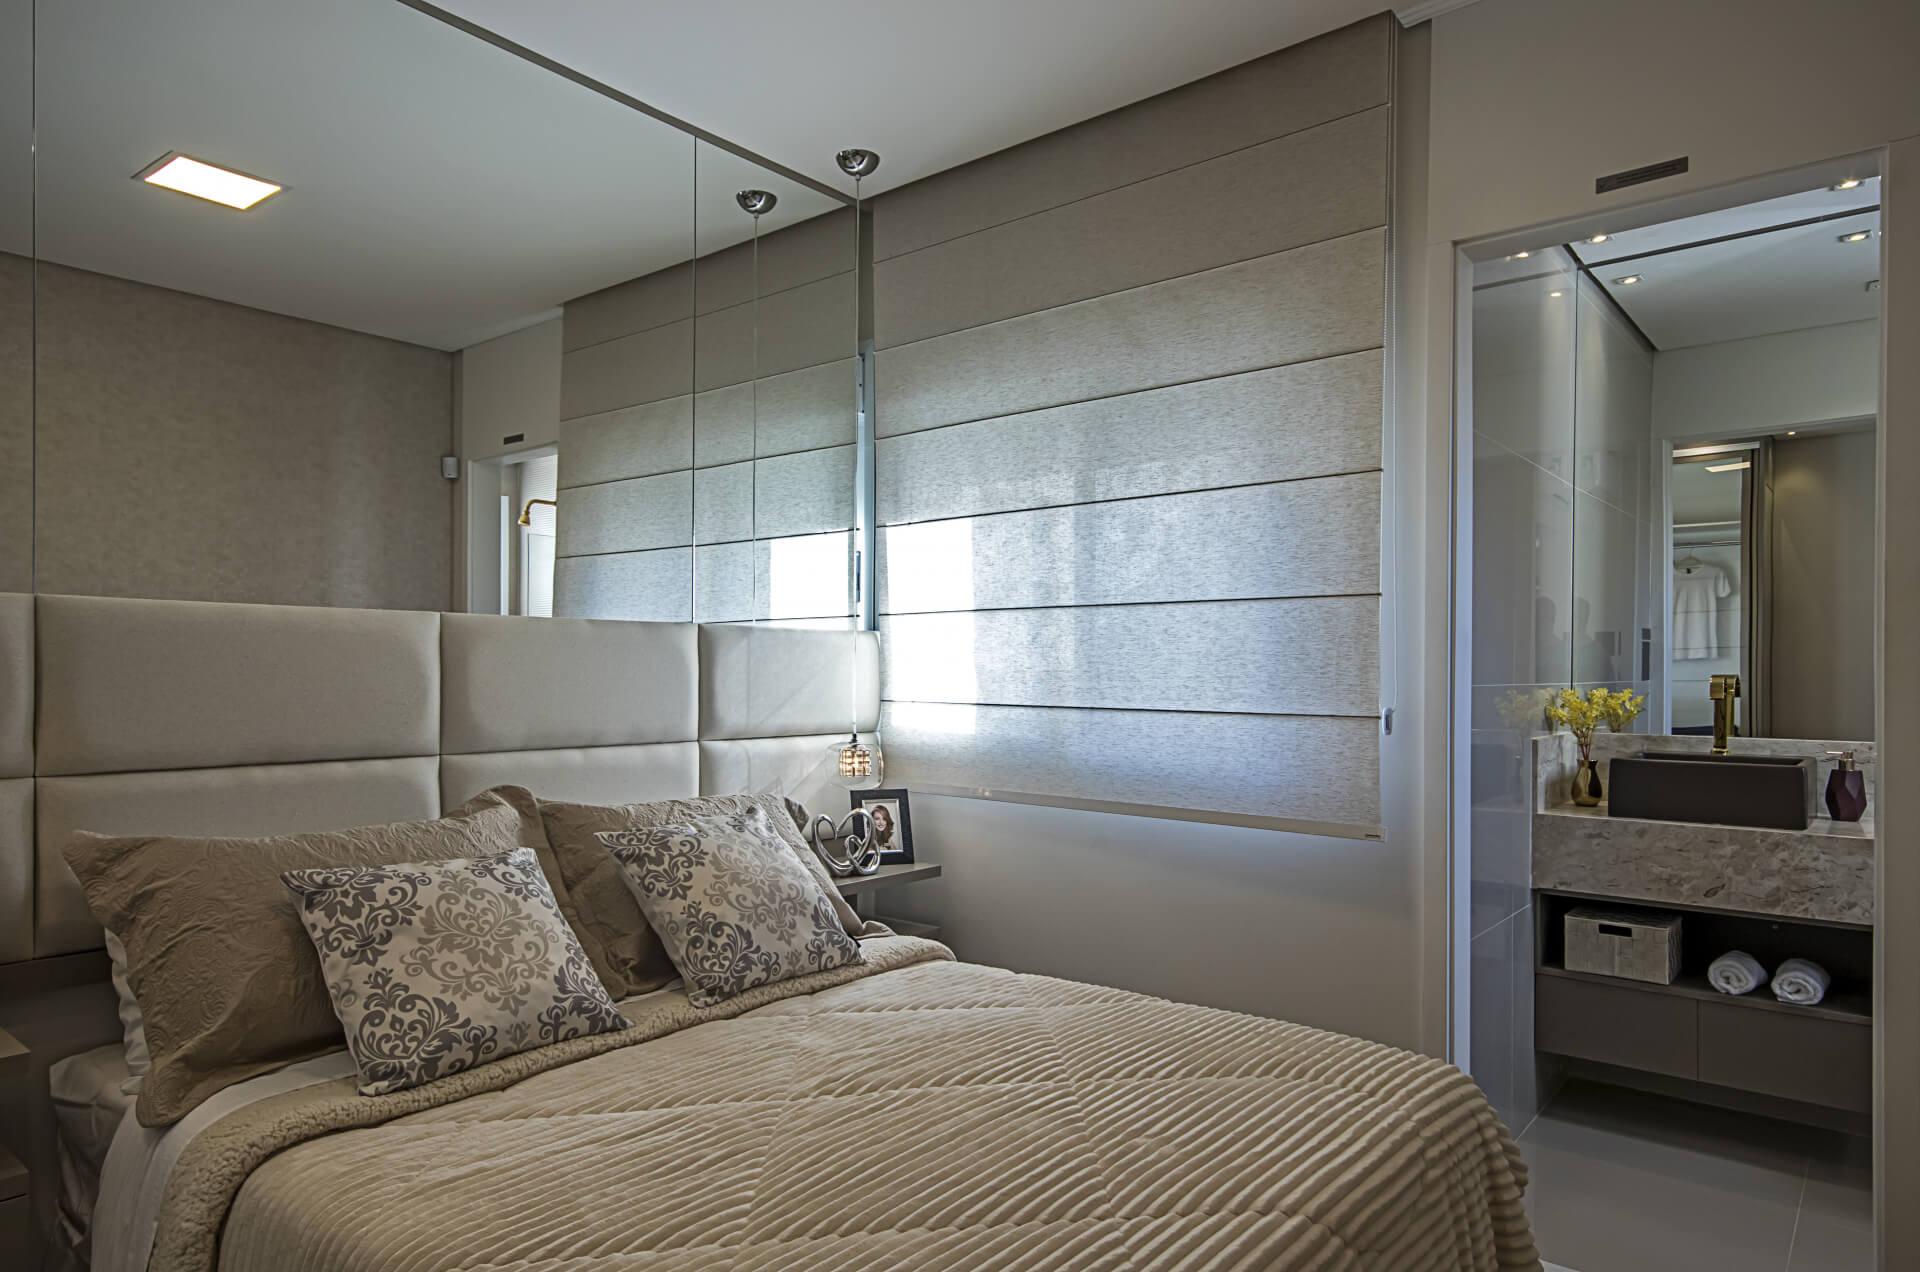 SUÍTE MASTER do apto de 58 m² com infra para ar-condicionado e janela com persiana de enrolar, proporcionando conforto térmico e maior controle da quantidade de luz natural dentro do dormitório.